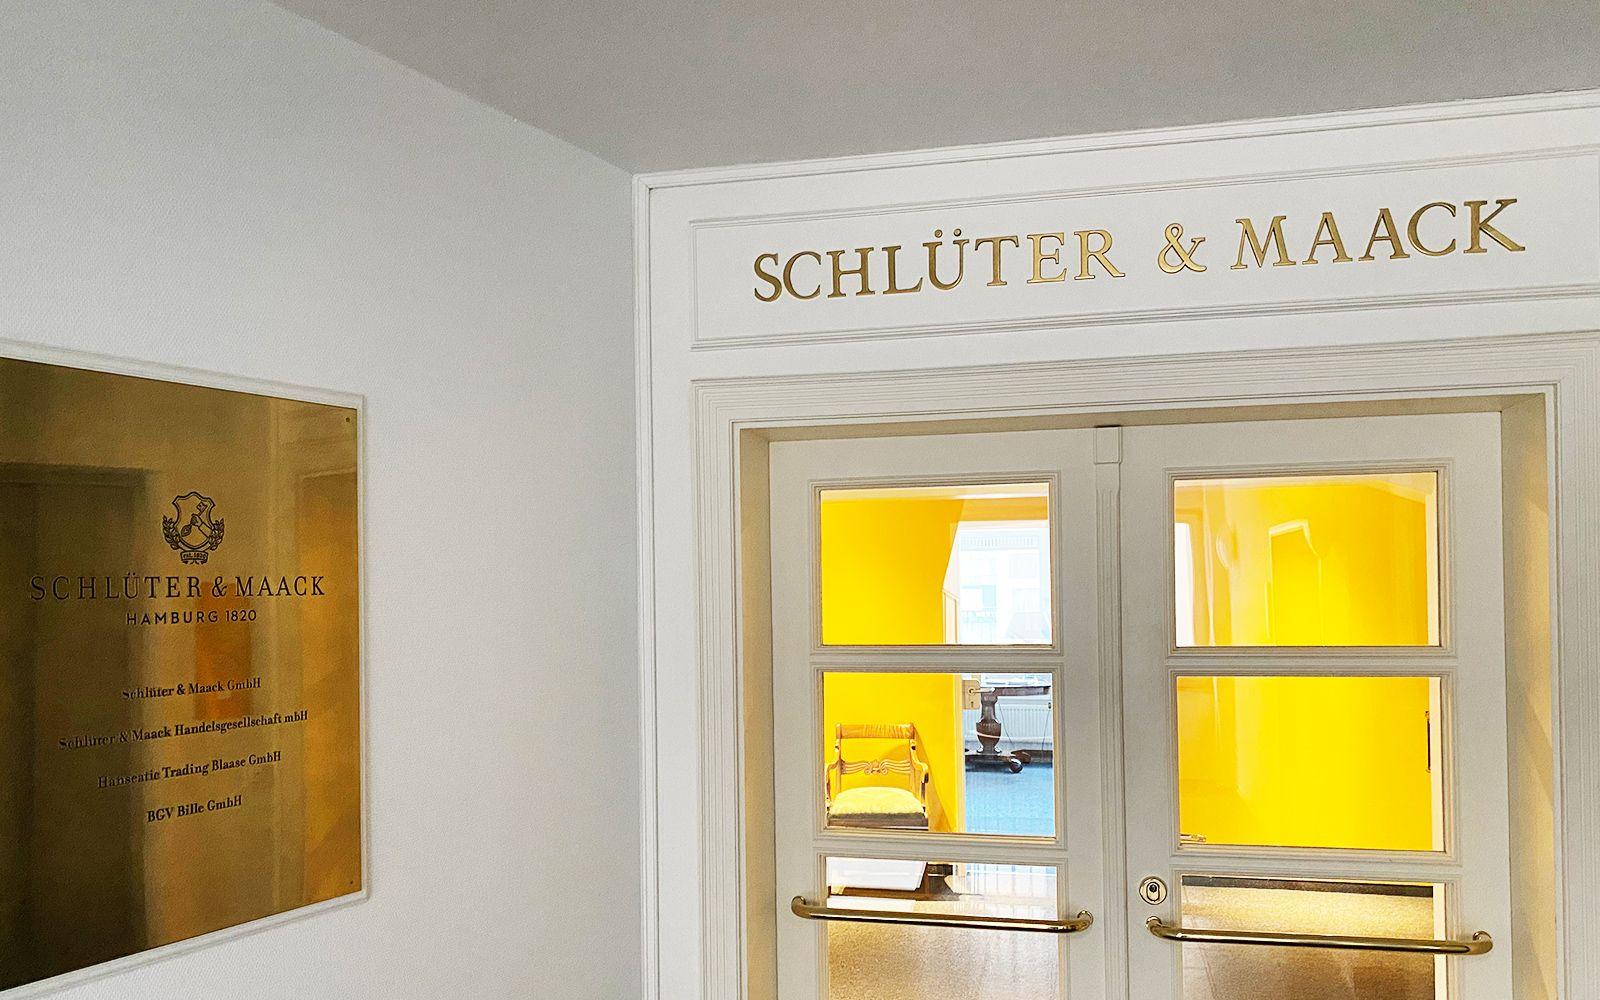 Schlueter-und-Maack-download-header